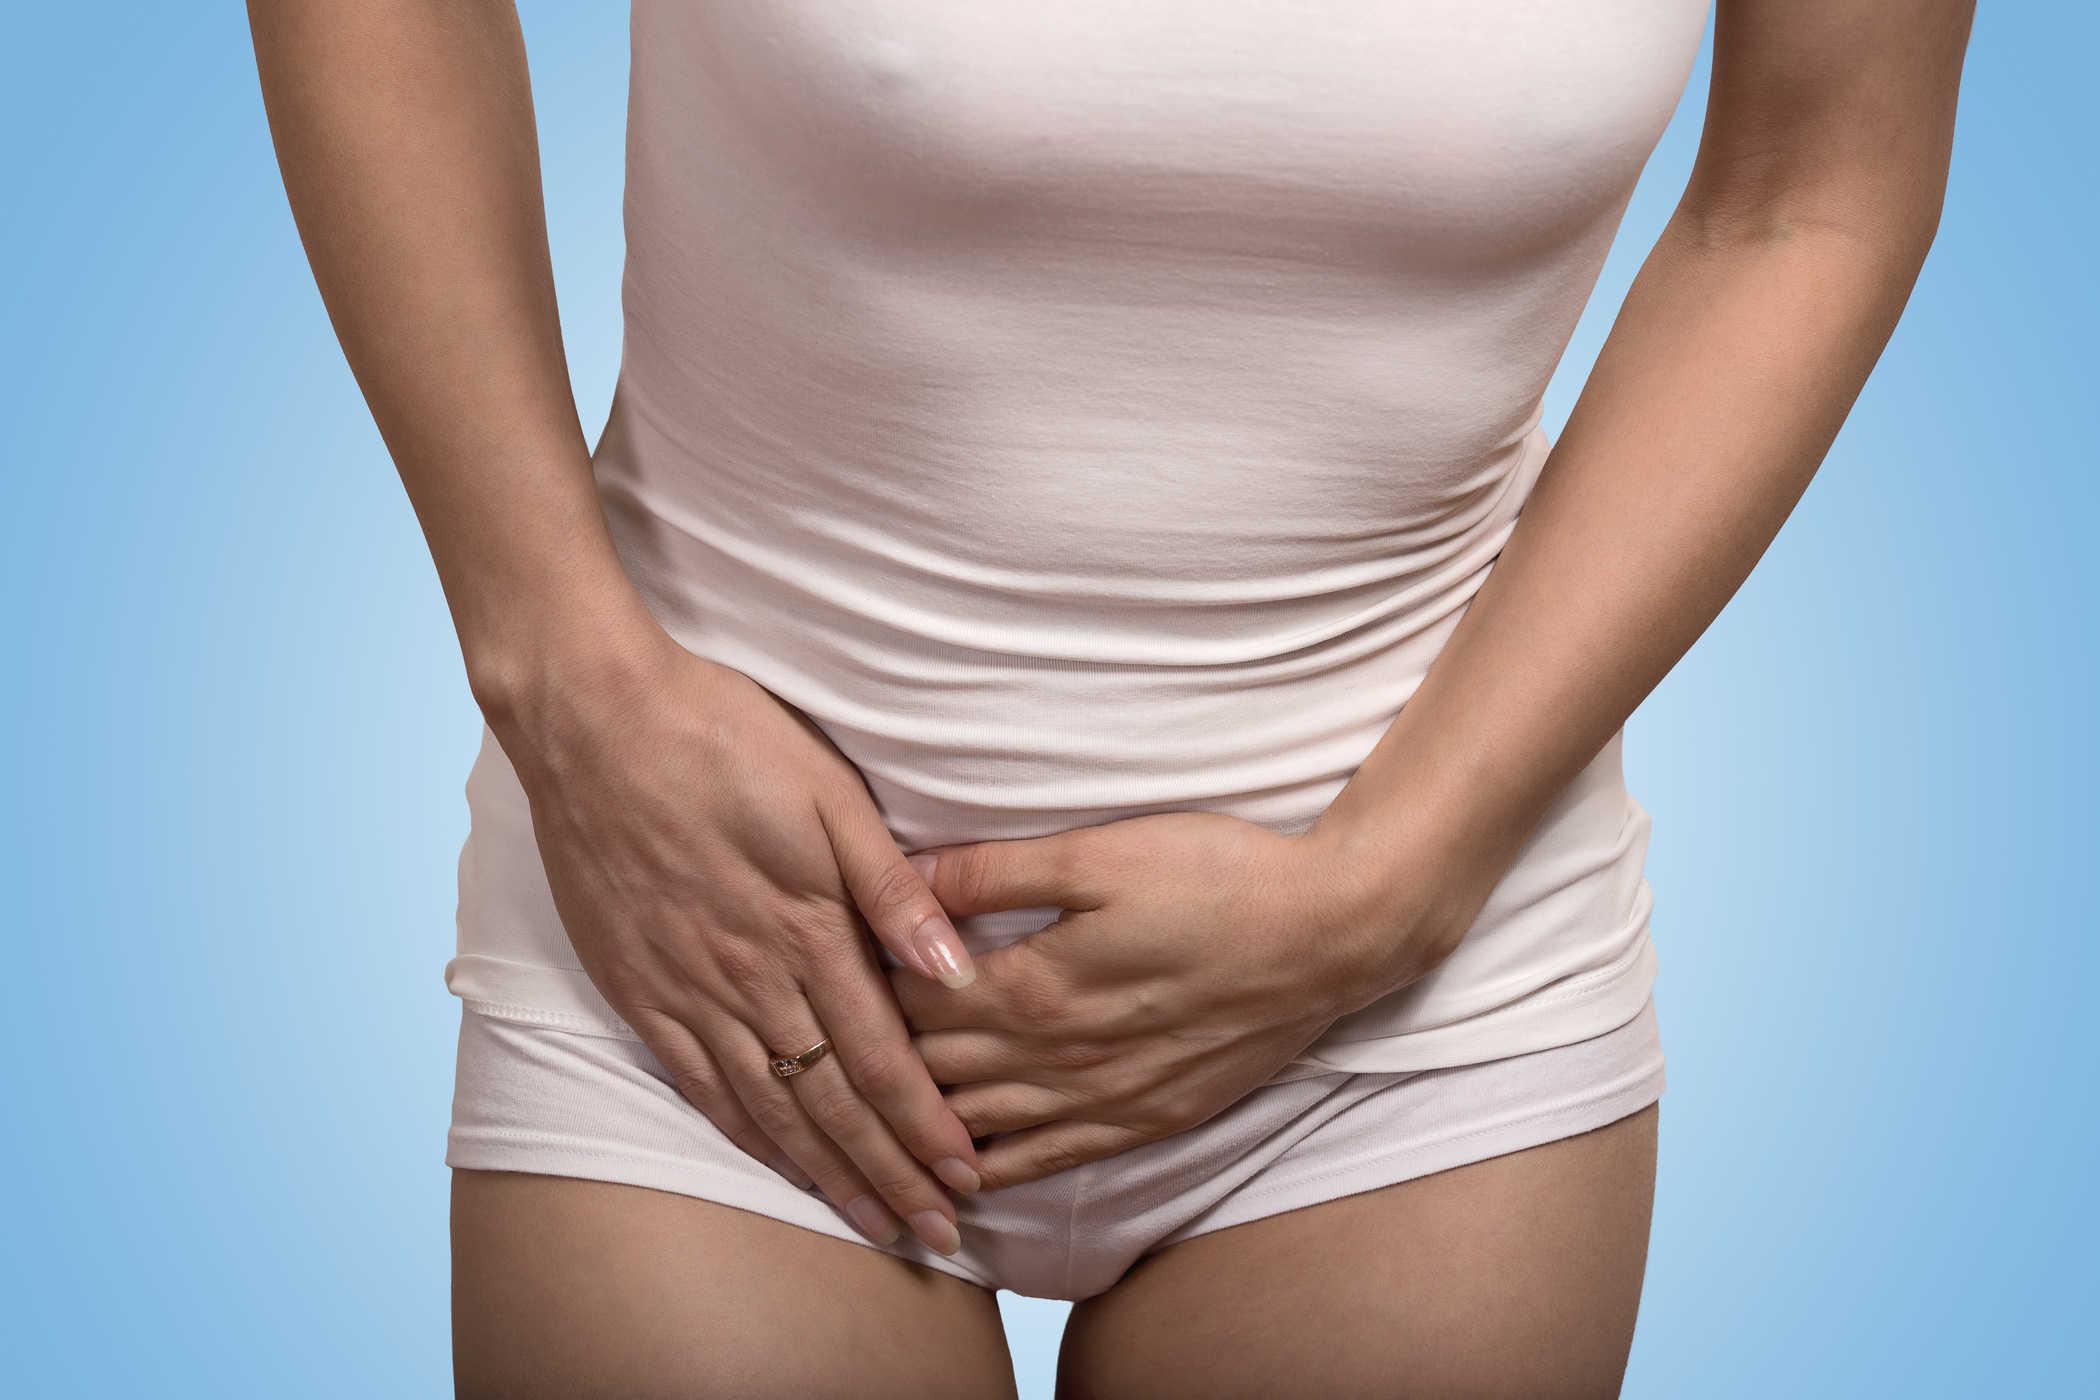 Các dấu hiệu bệnh lậu ở nữ giới